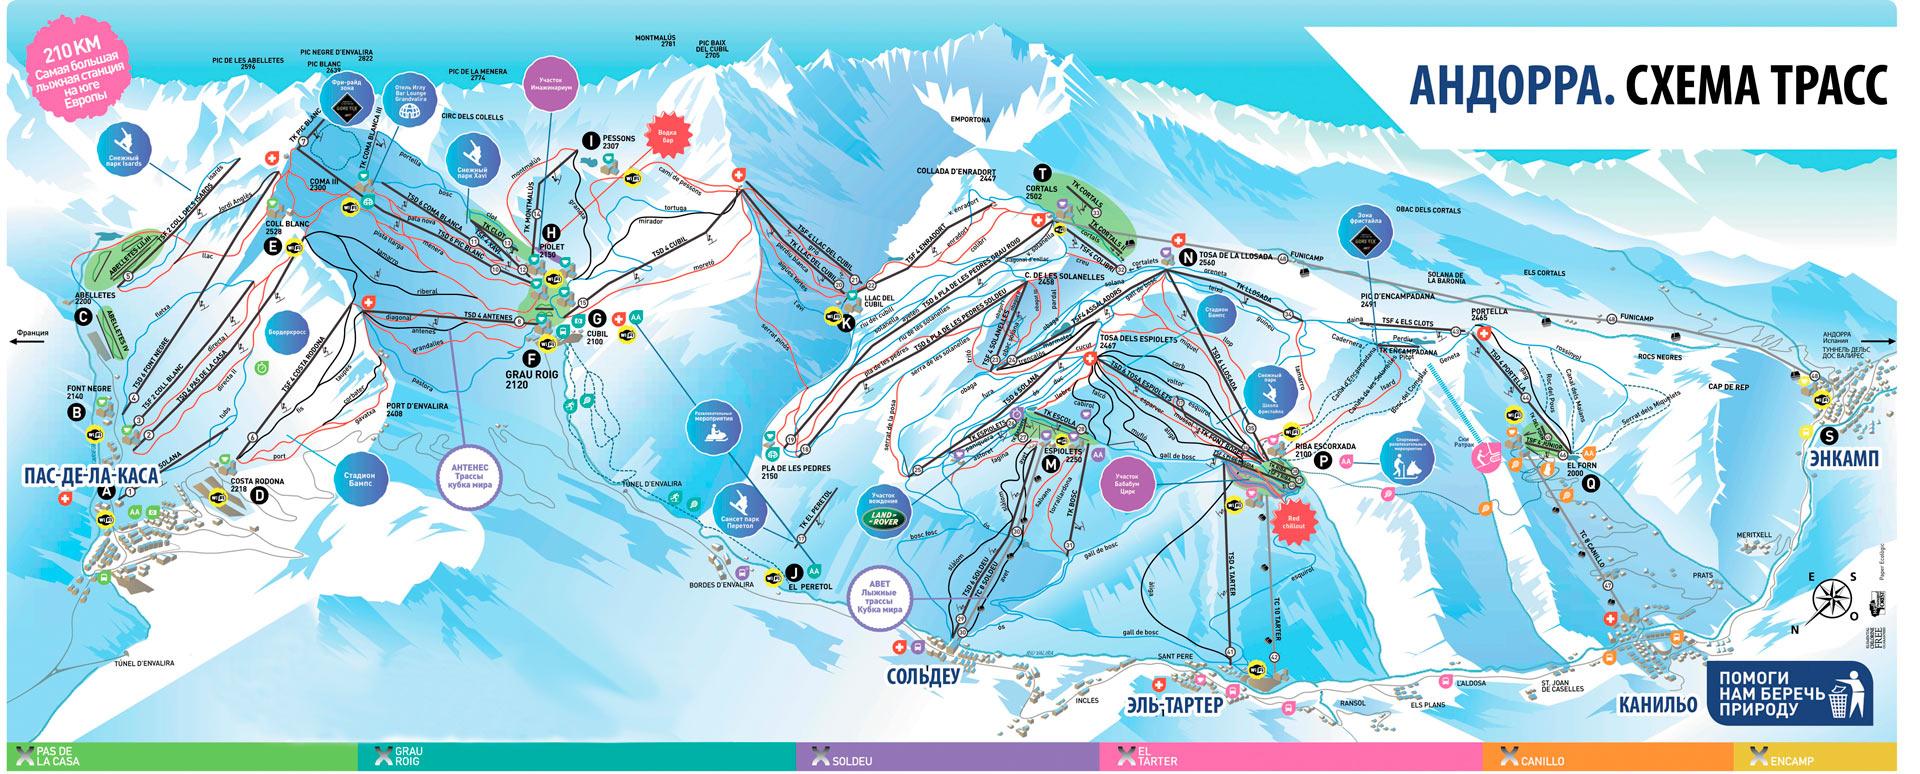 схема трасс для катания в Андорре